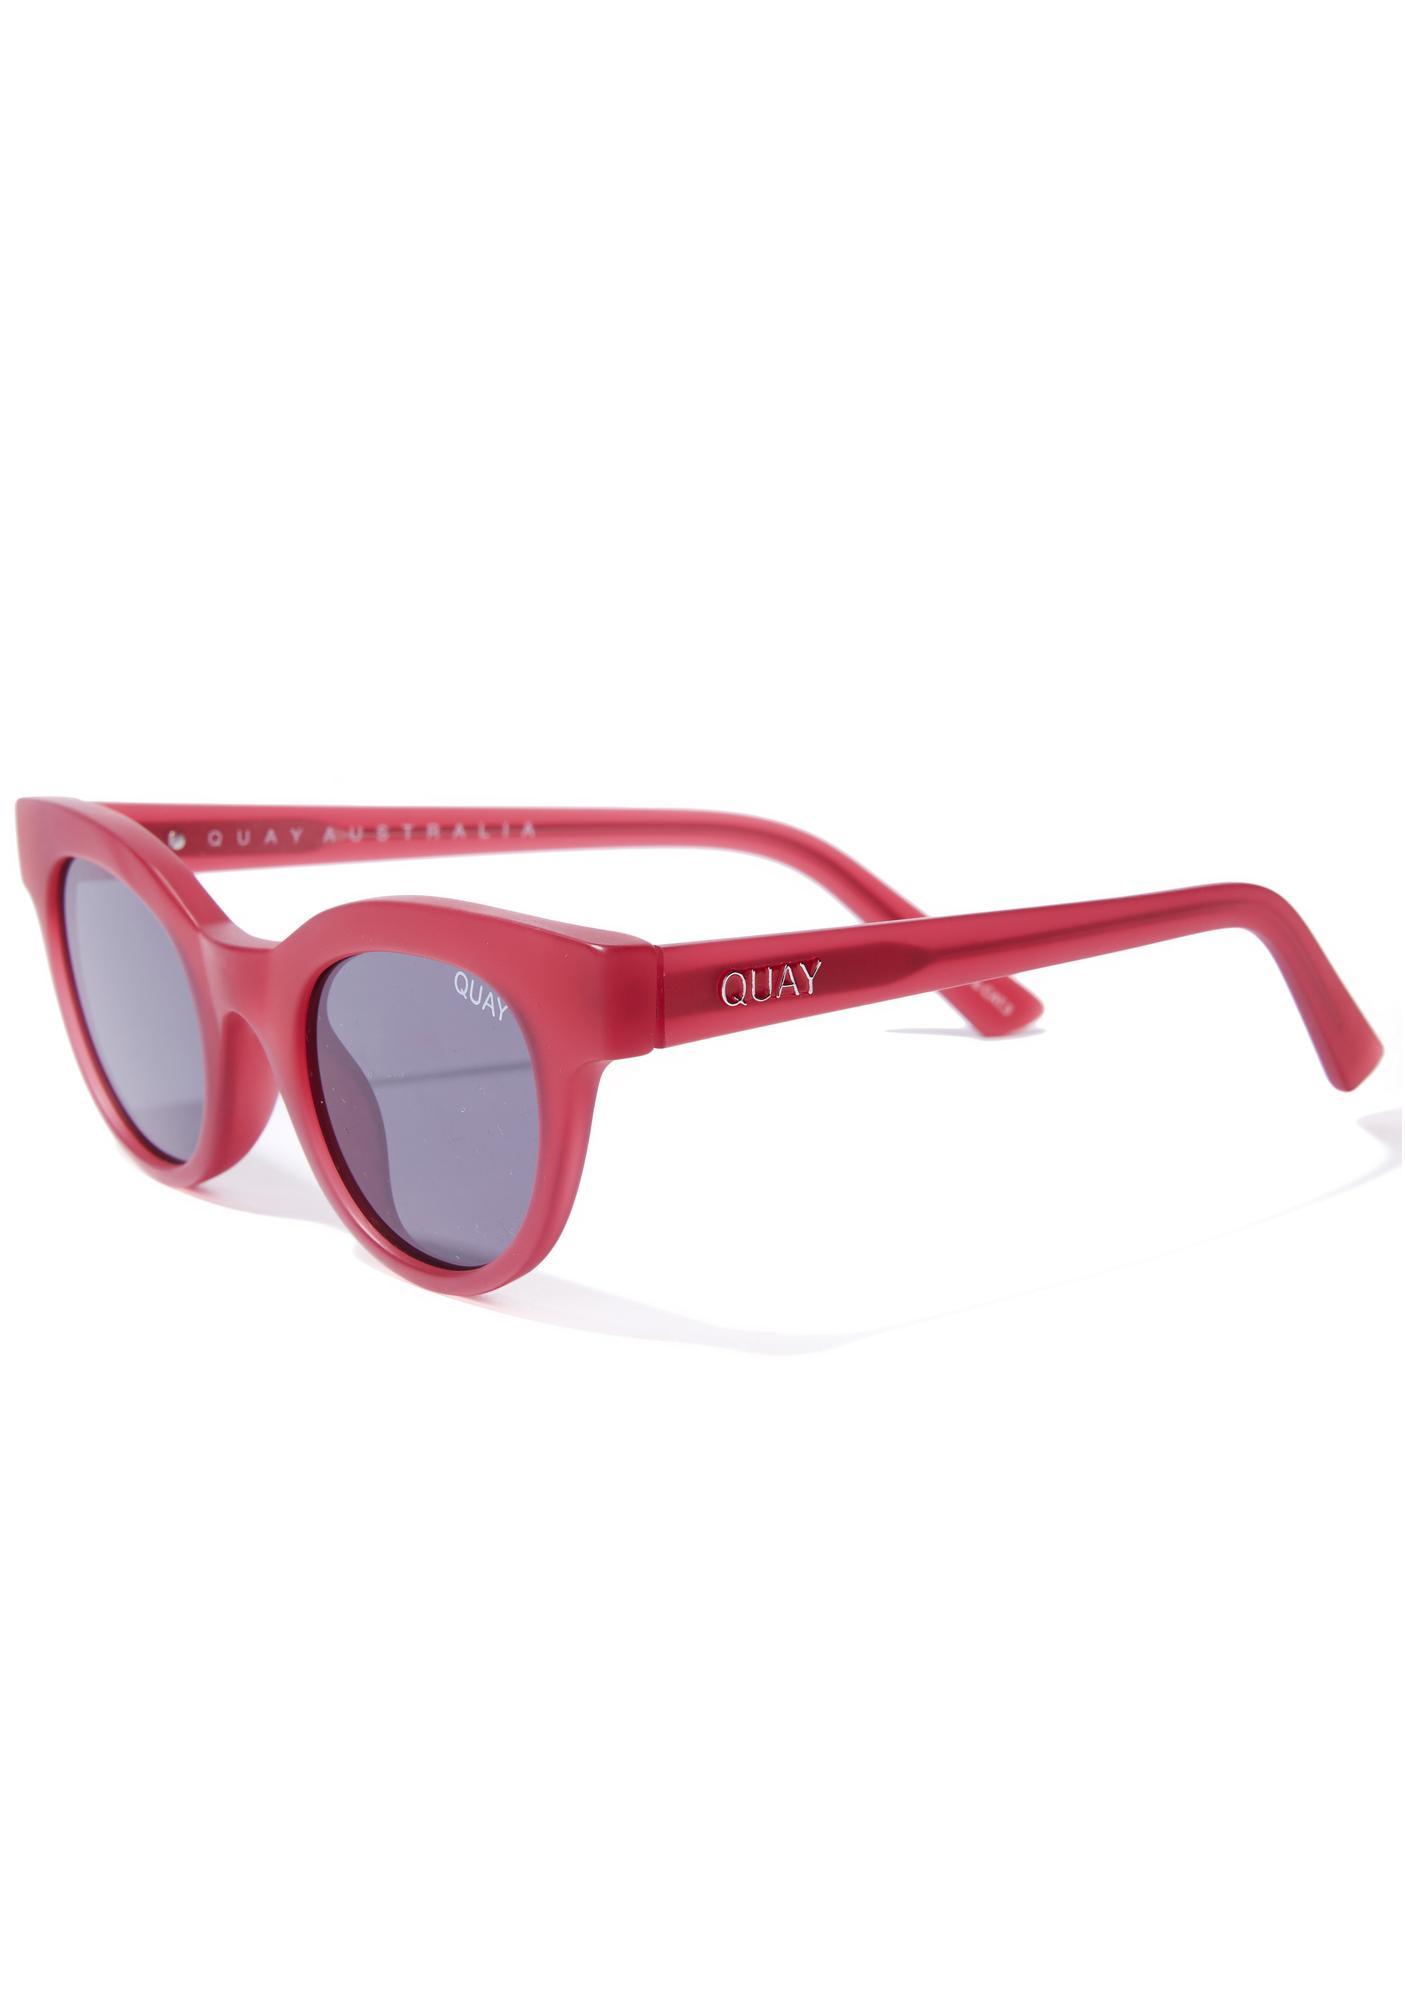 c904878619 ... Quay Eyeware x Kylie Starstruck Sunnies